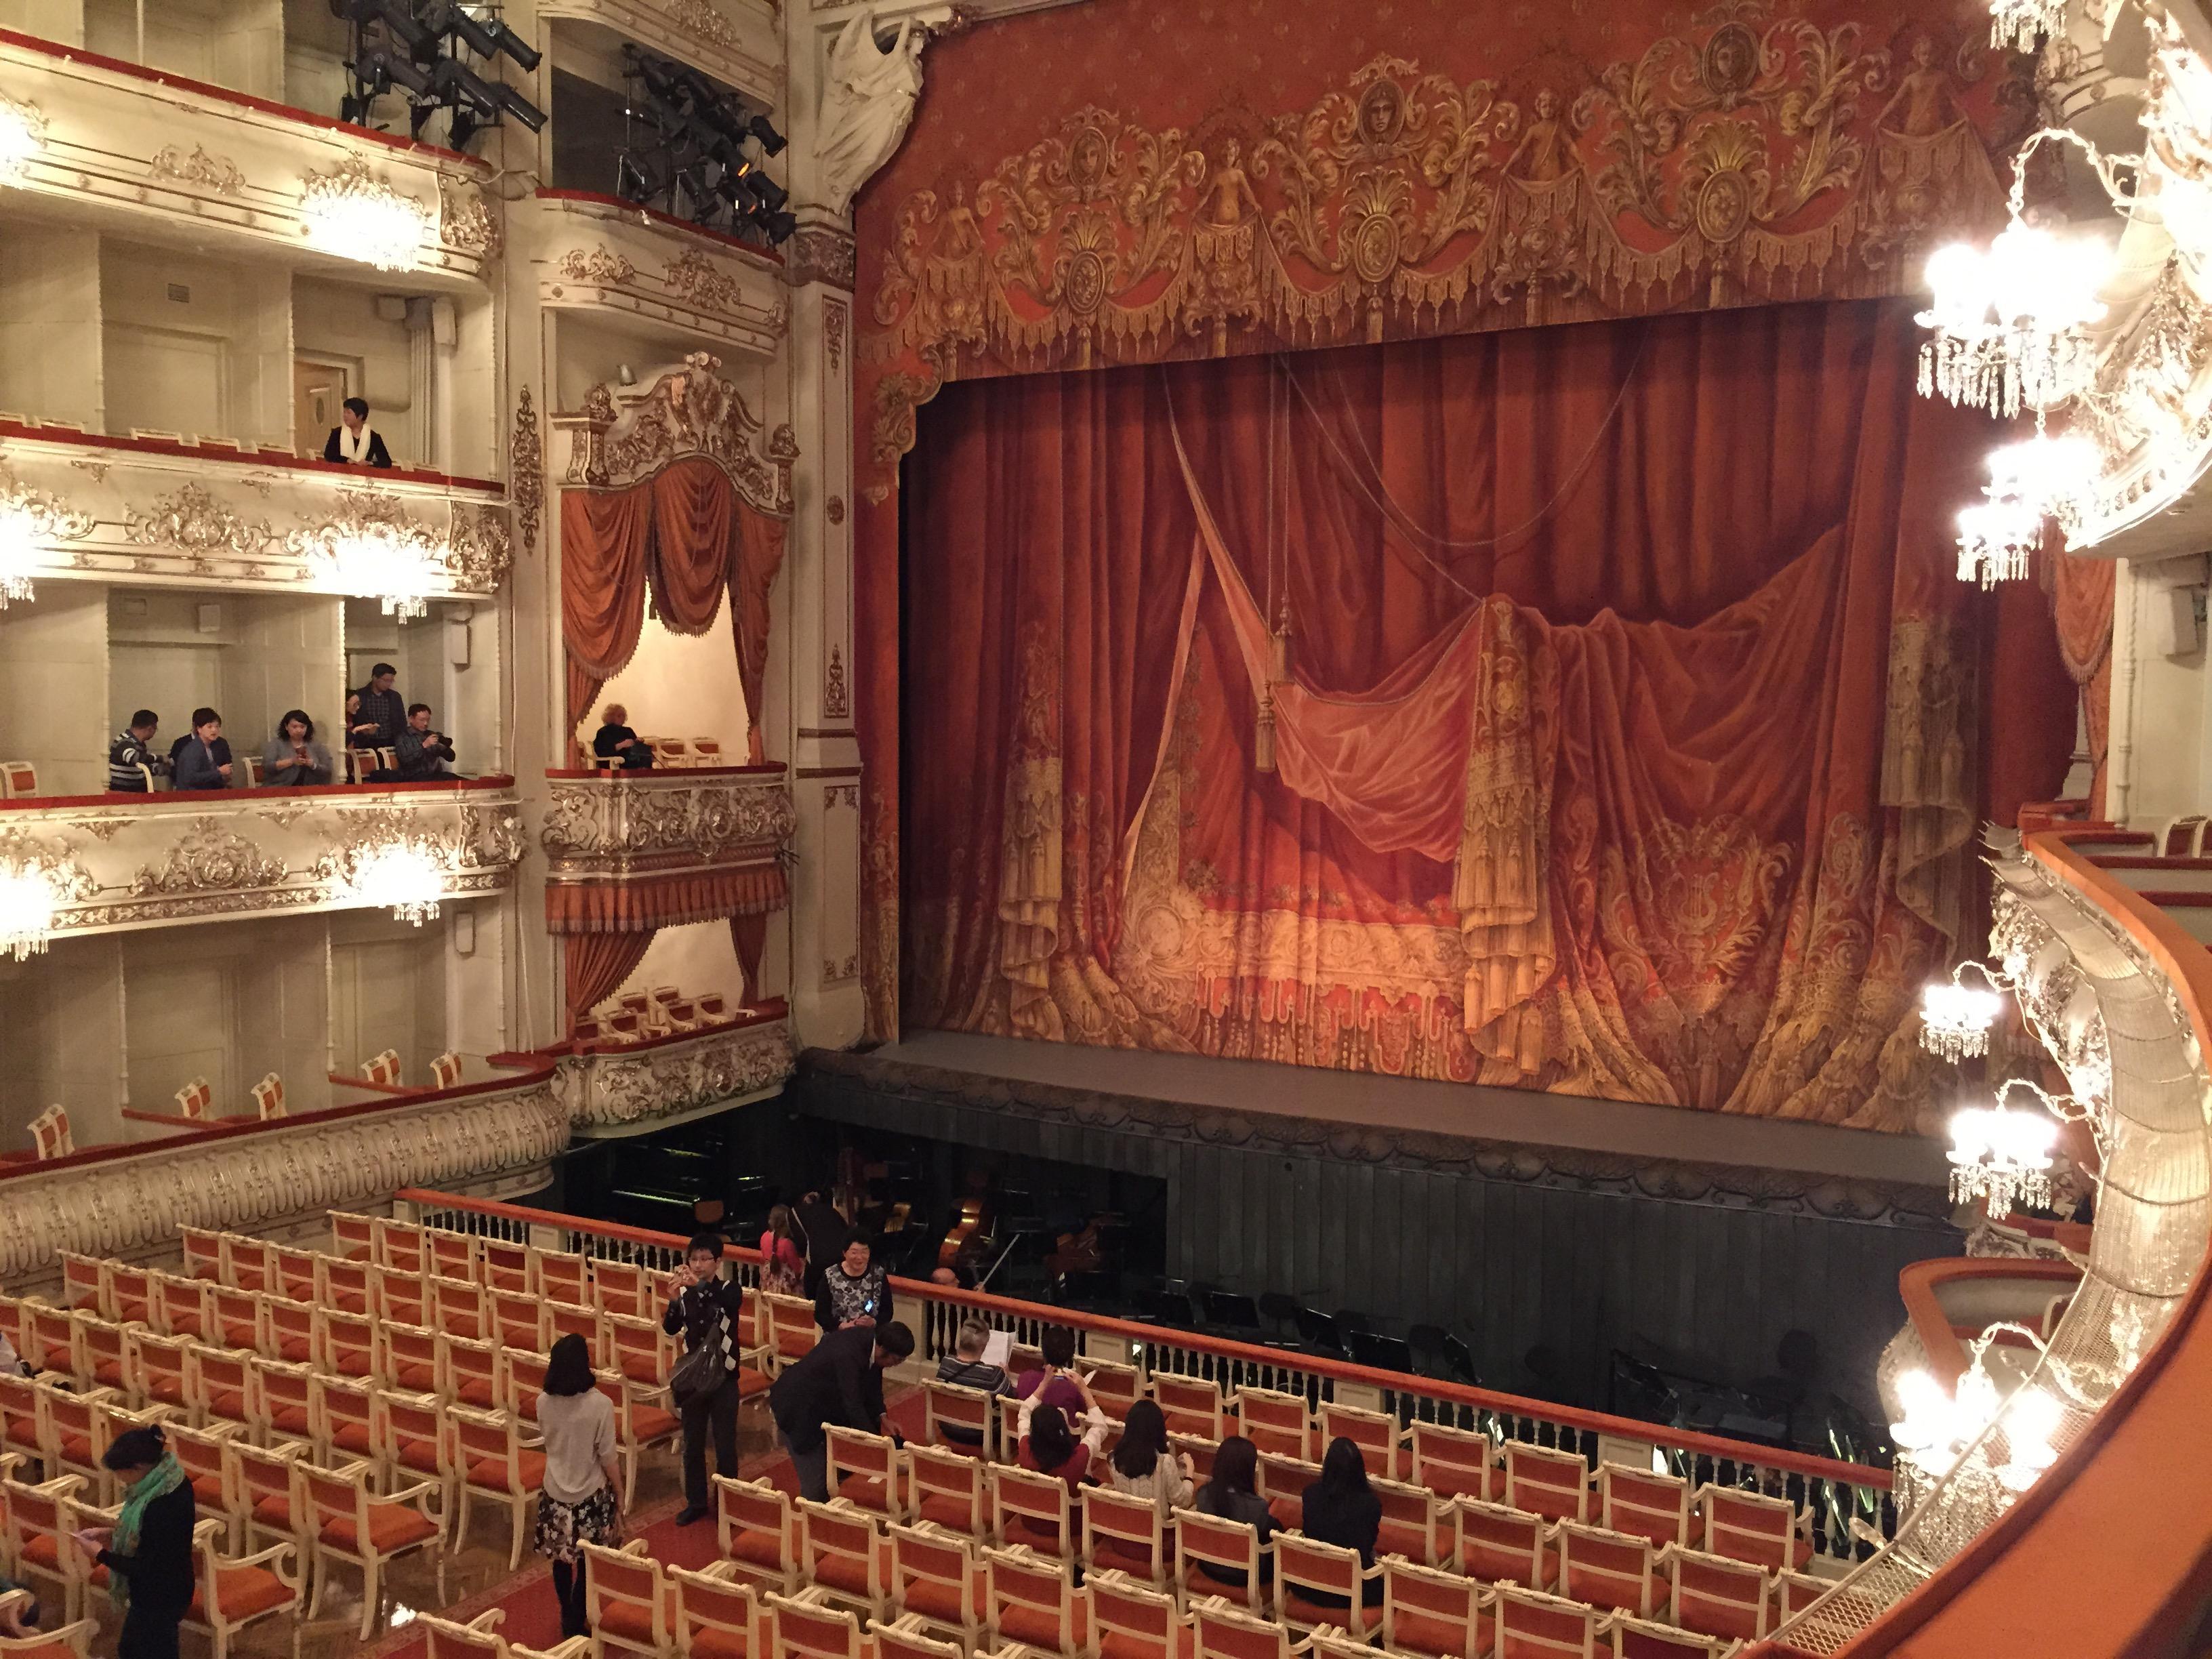 Mikhailovsky Theater, São Petersburgo, Rússia